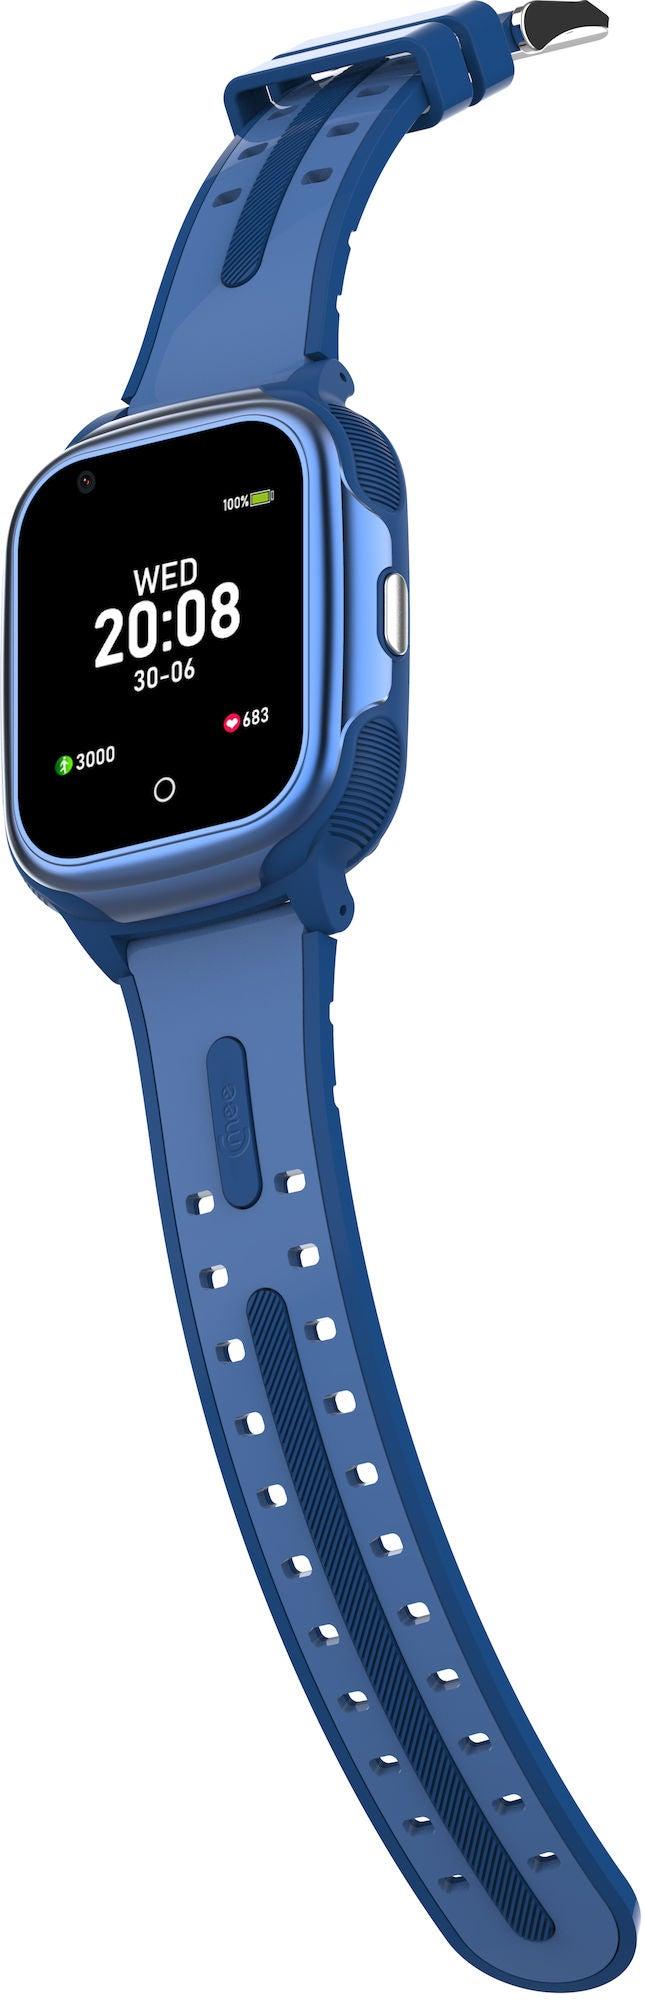 Cmee Play Skal till GPS-klocka, Modern Blue